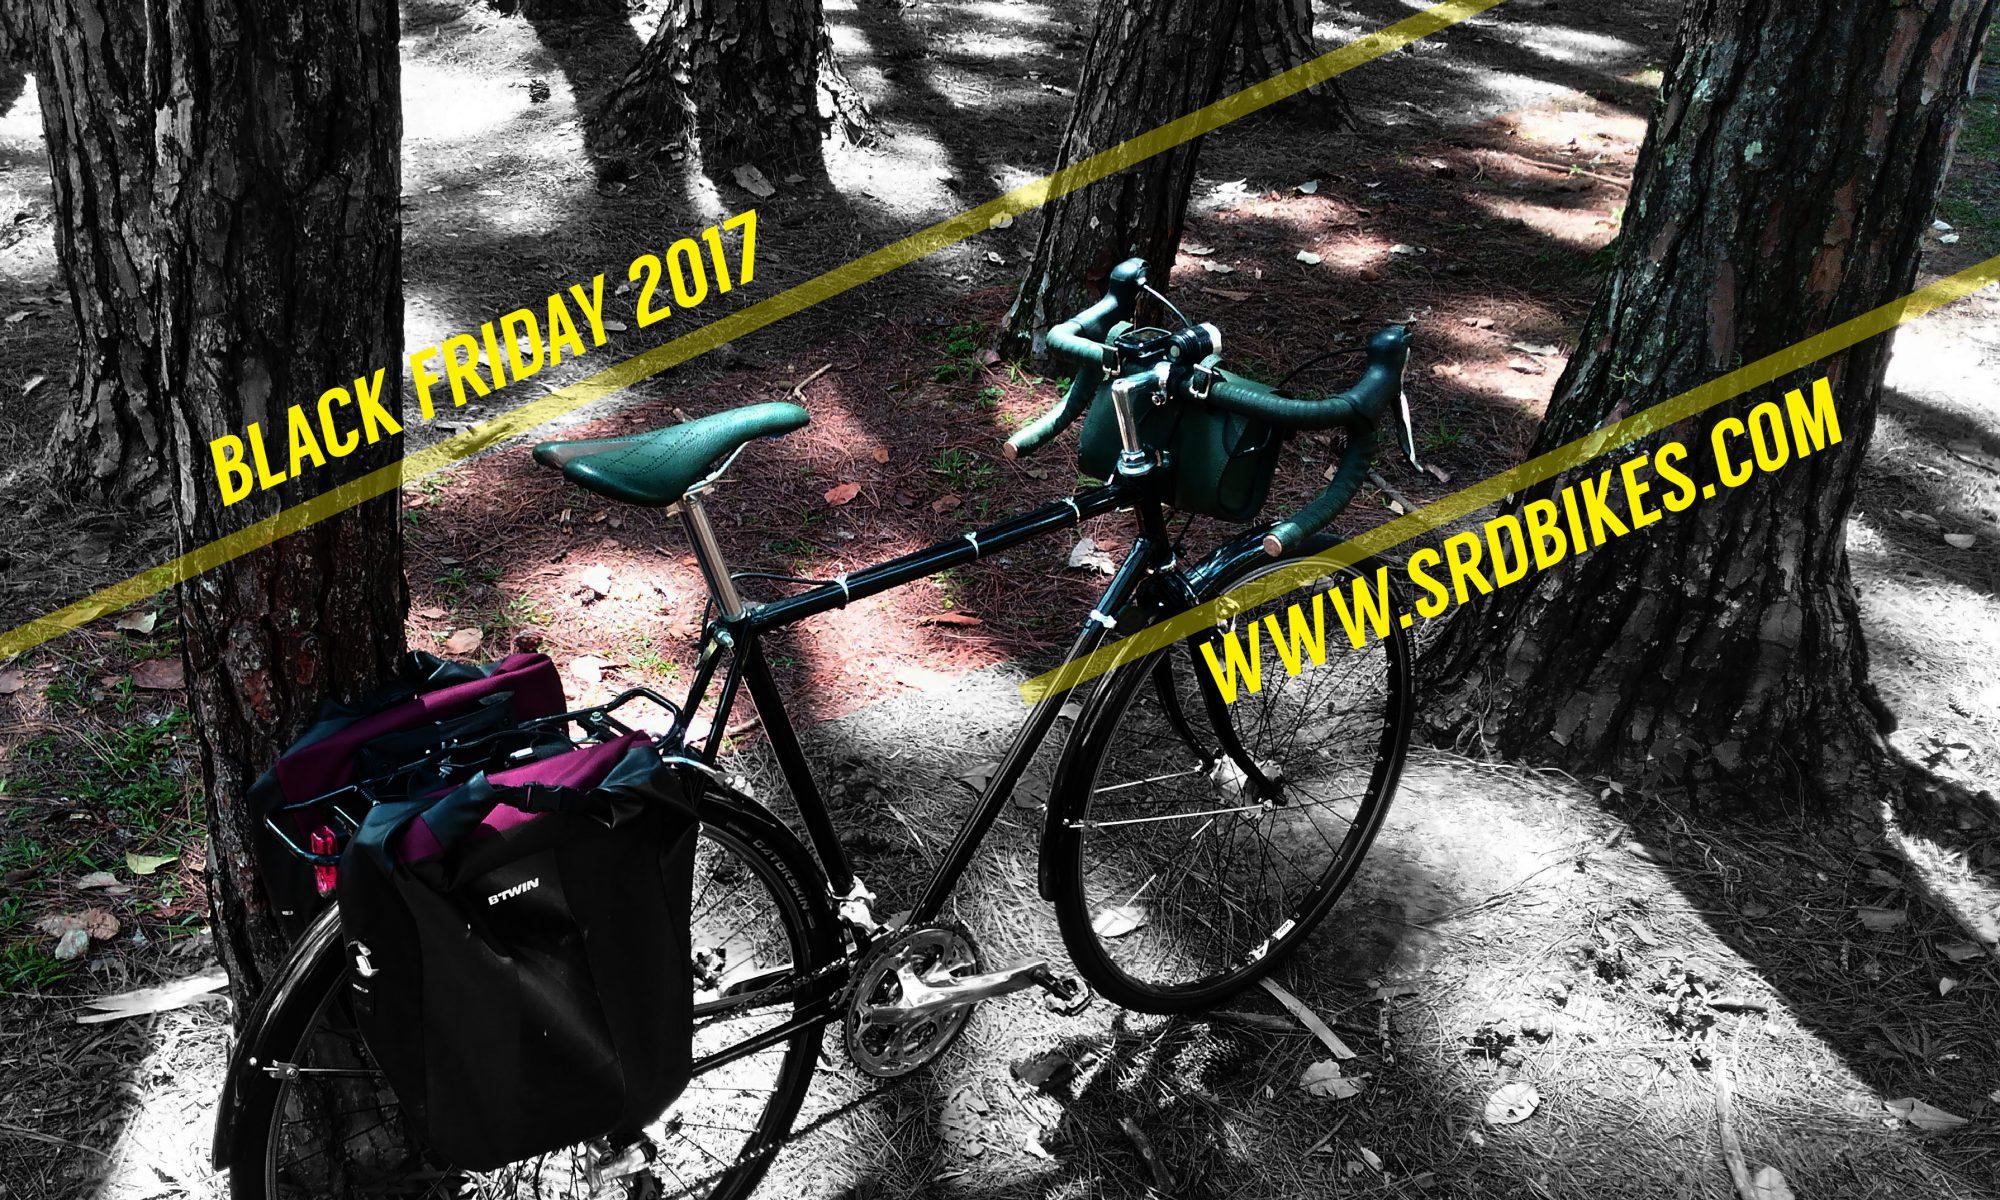 SRD bikes